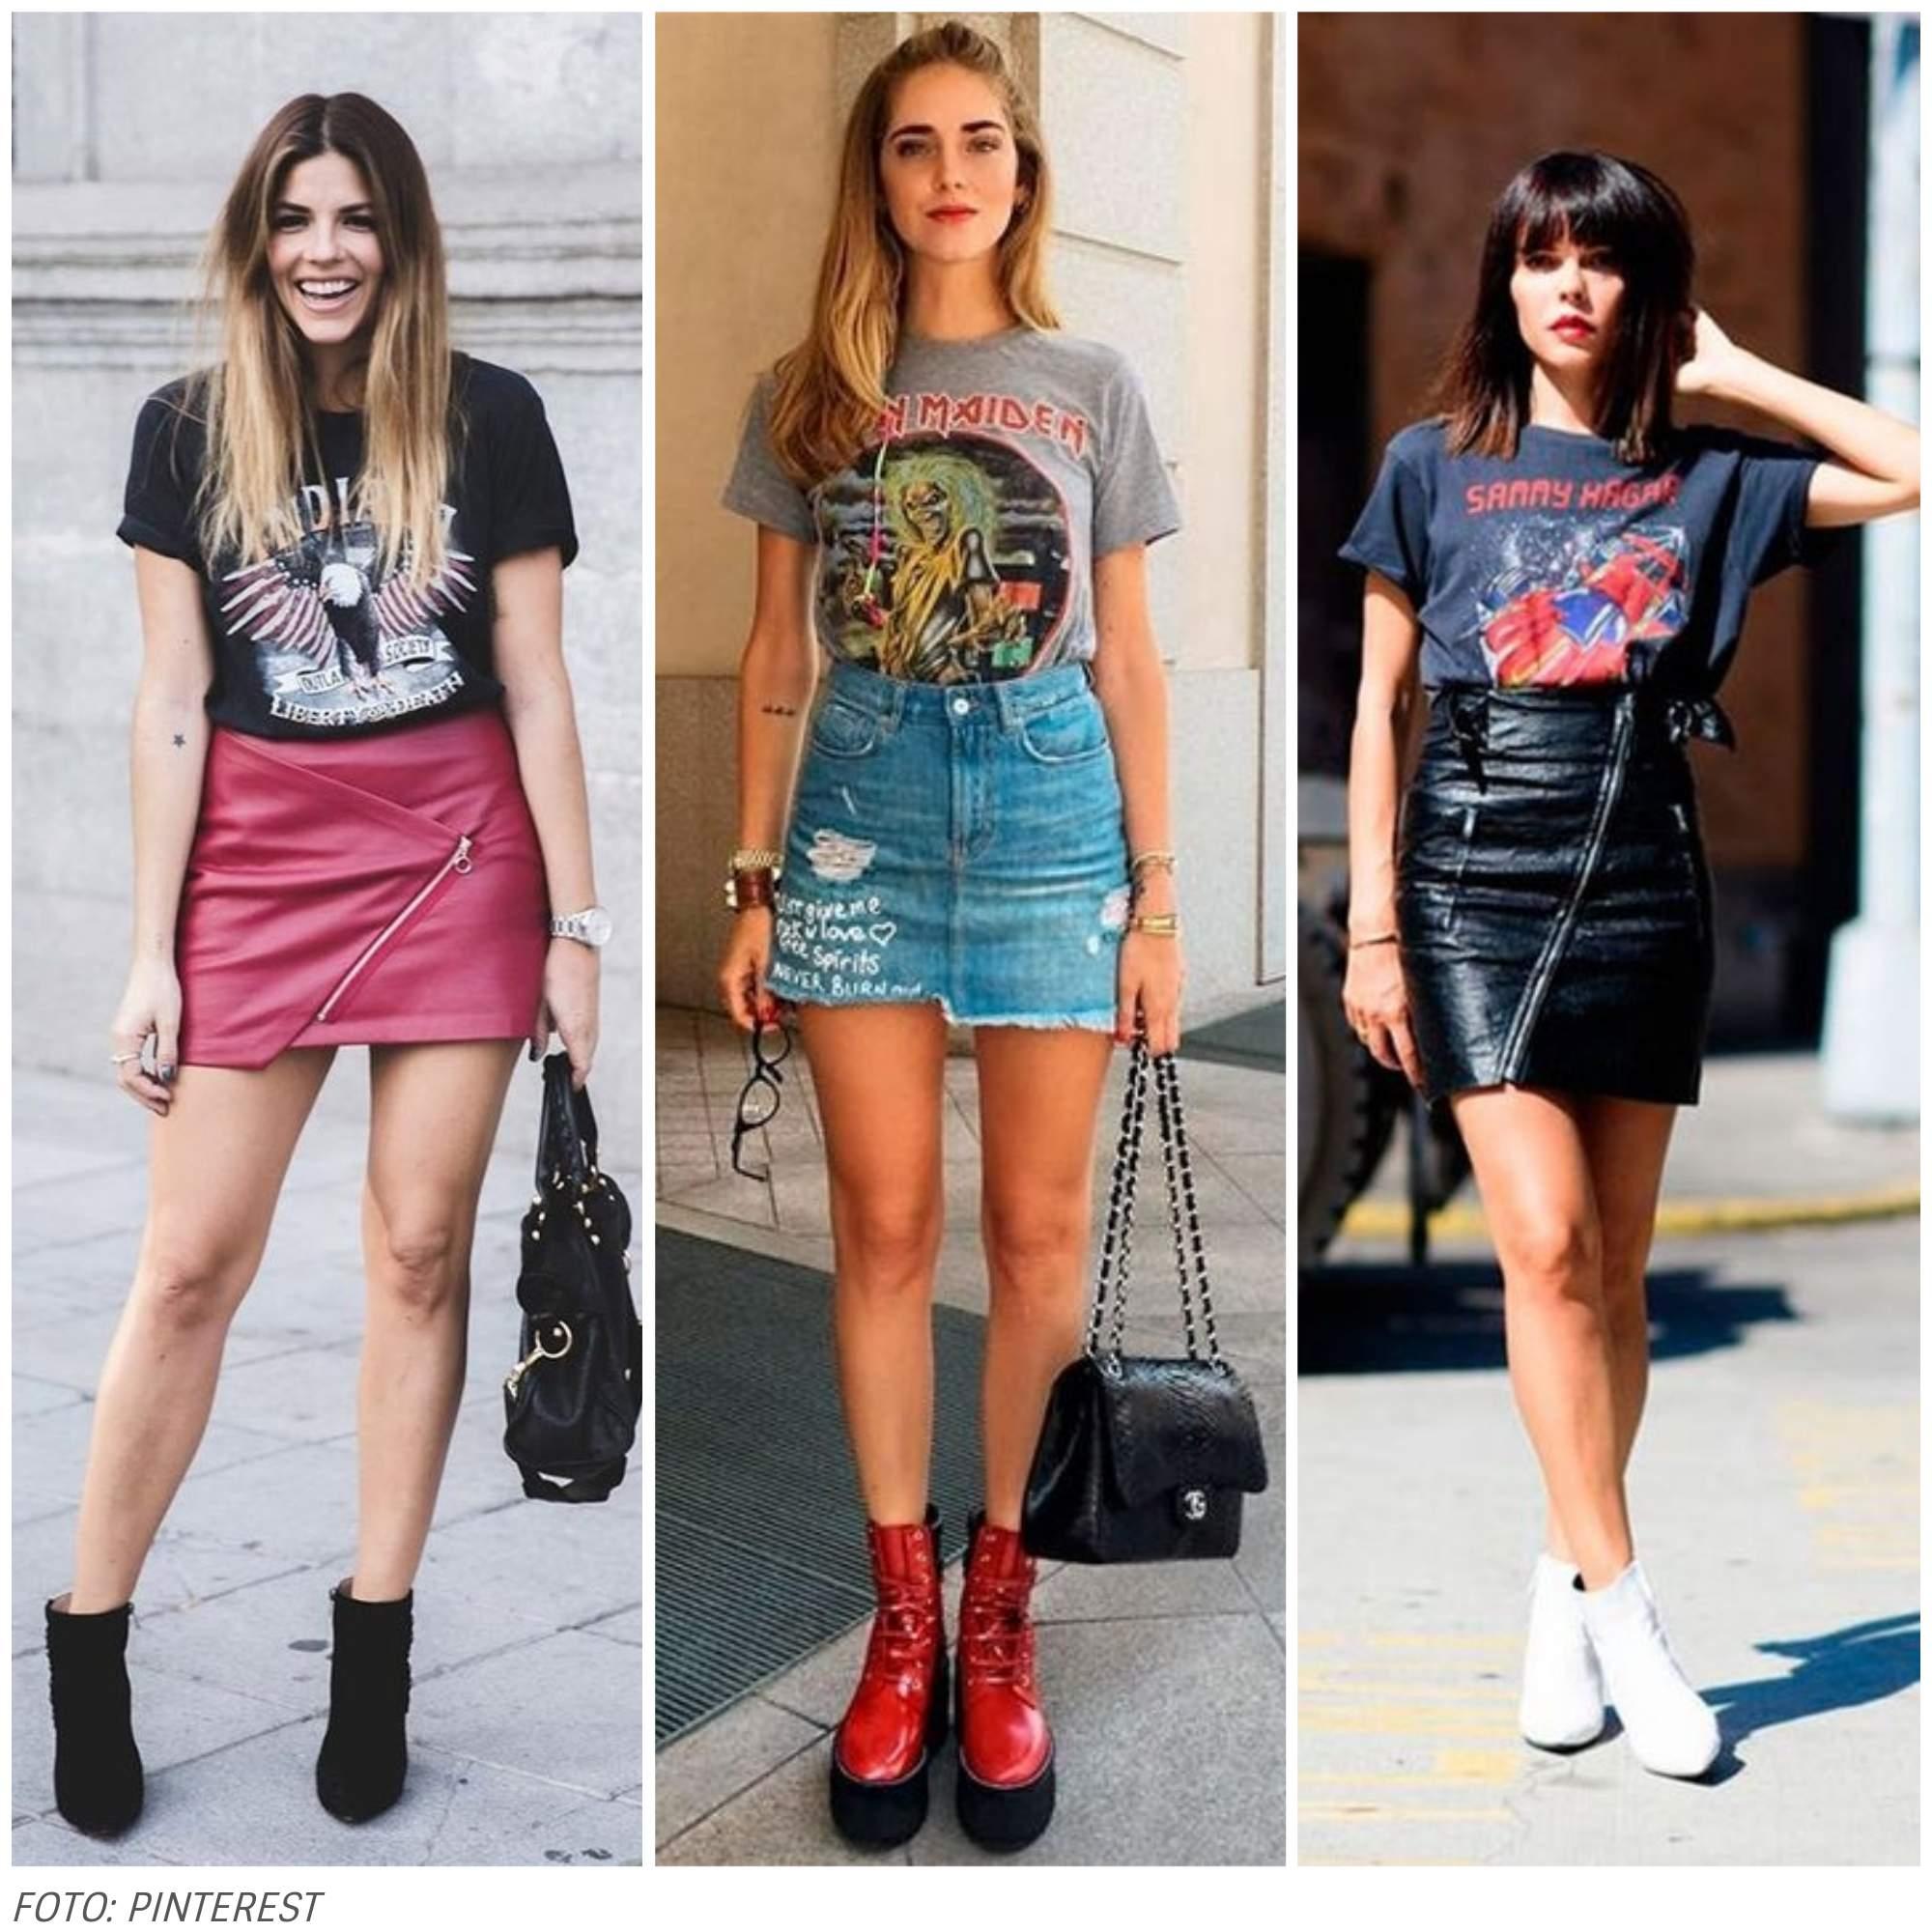 botas femininas 7 1 - Botas femininas no verão? 6 dicas pra provar que pode sim!